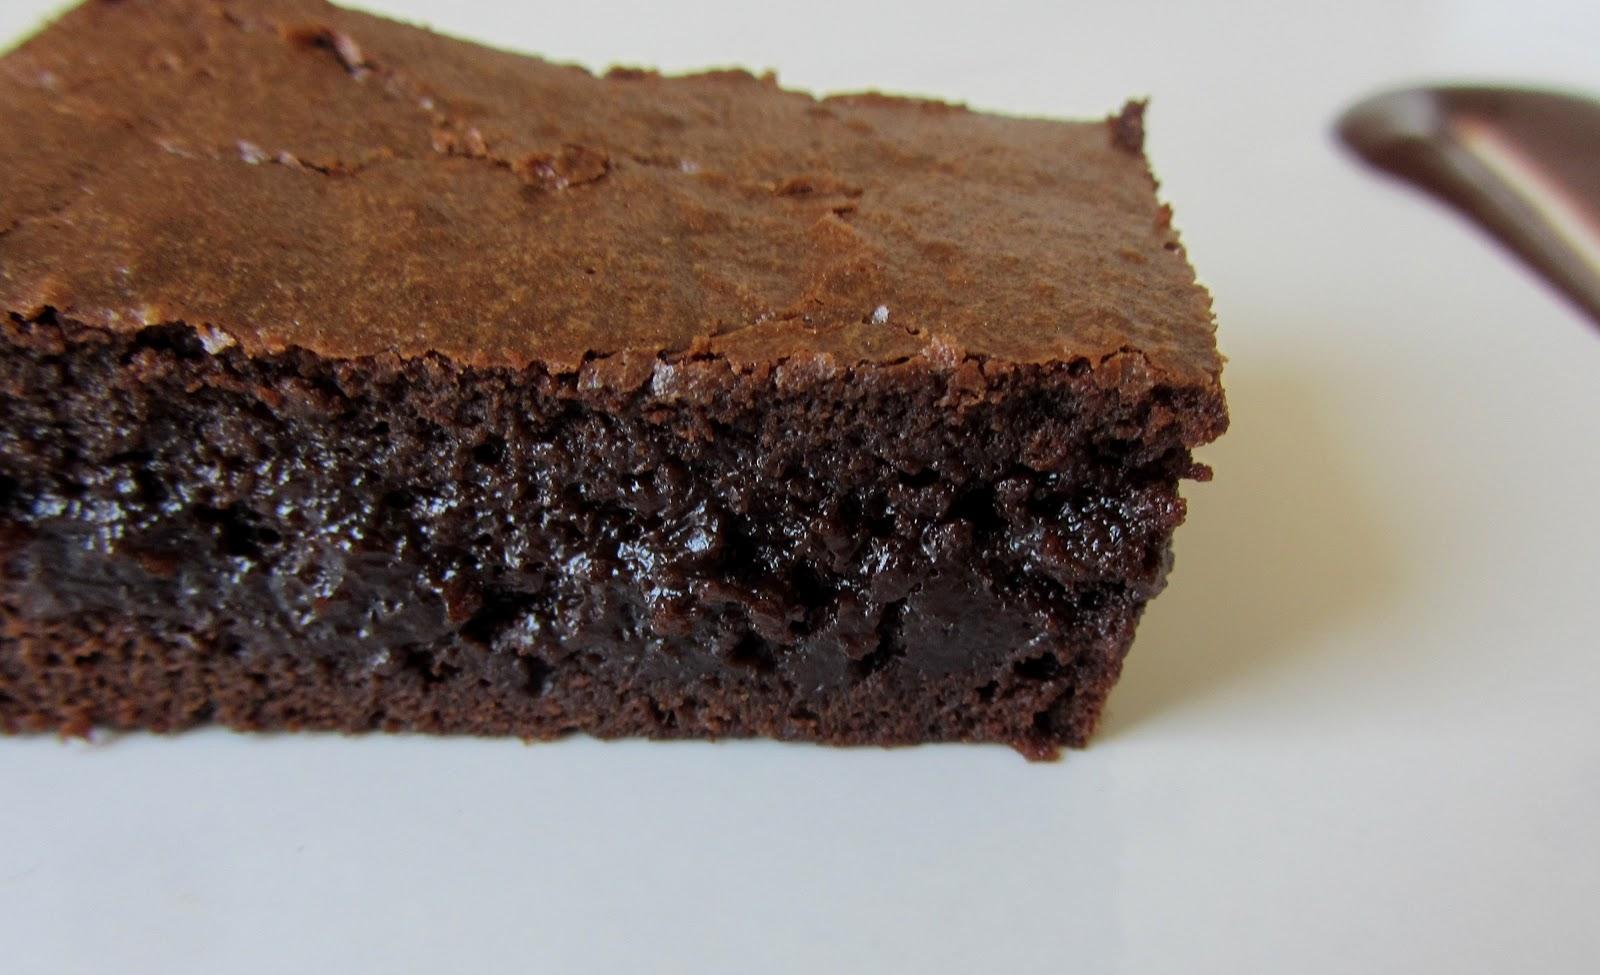 Comment faire un fondant au chocolat - Comment cuisiner un gateau au chocolat ...